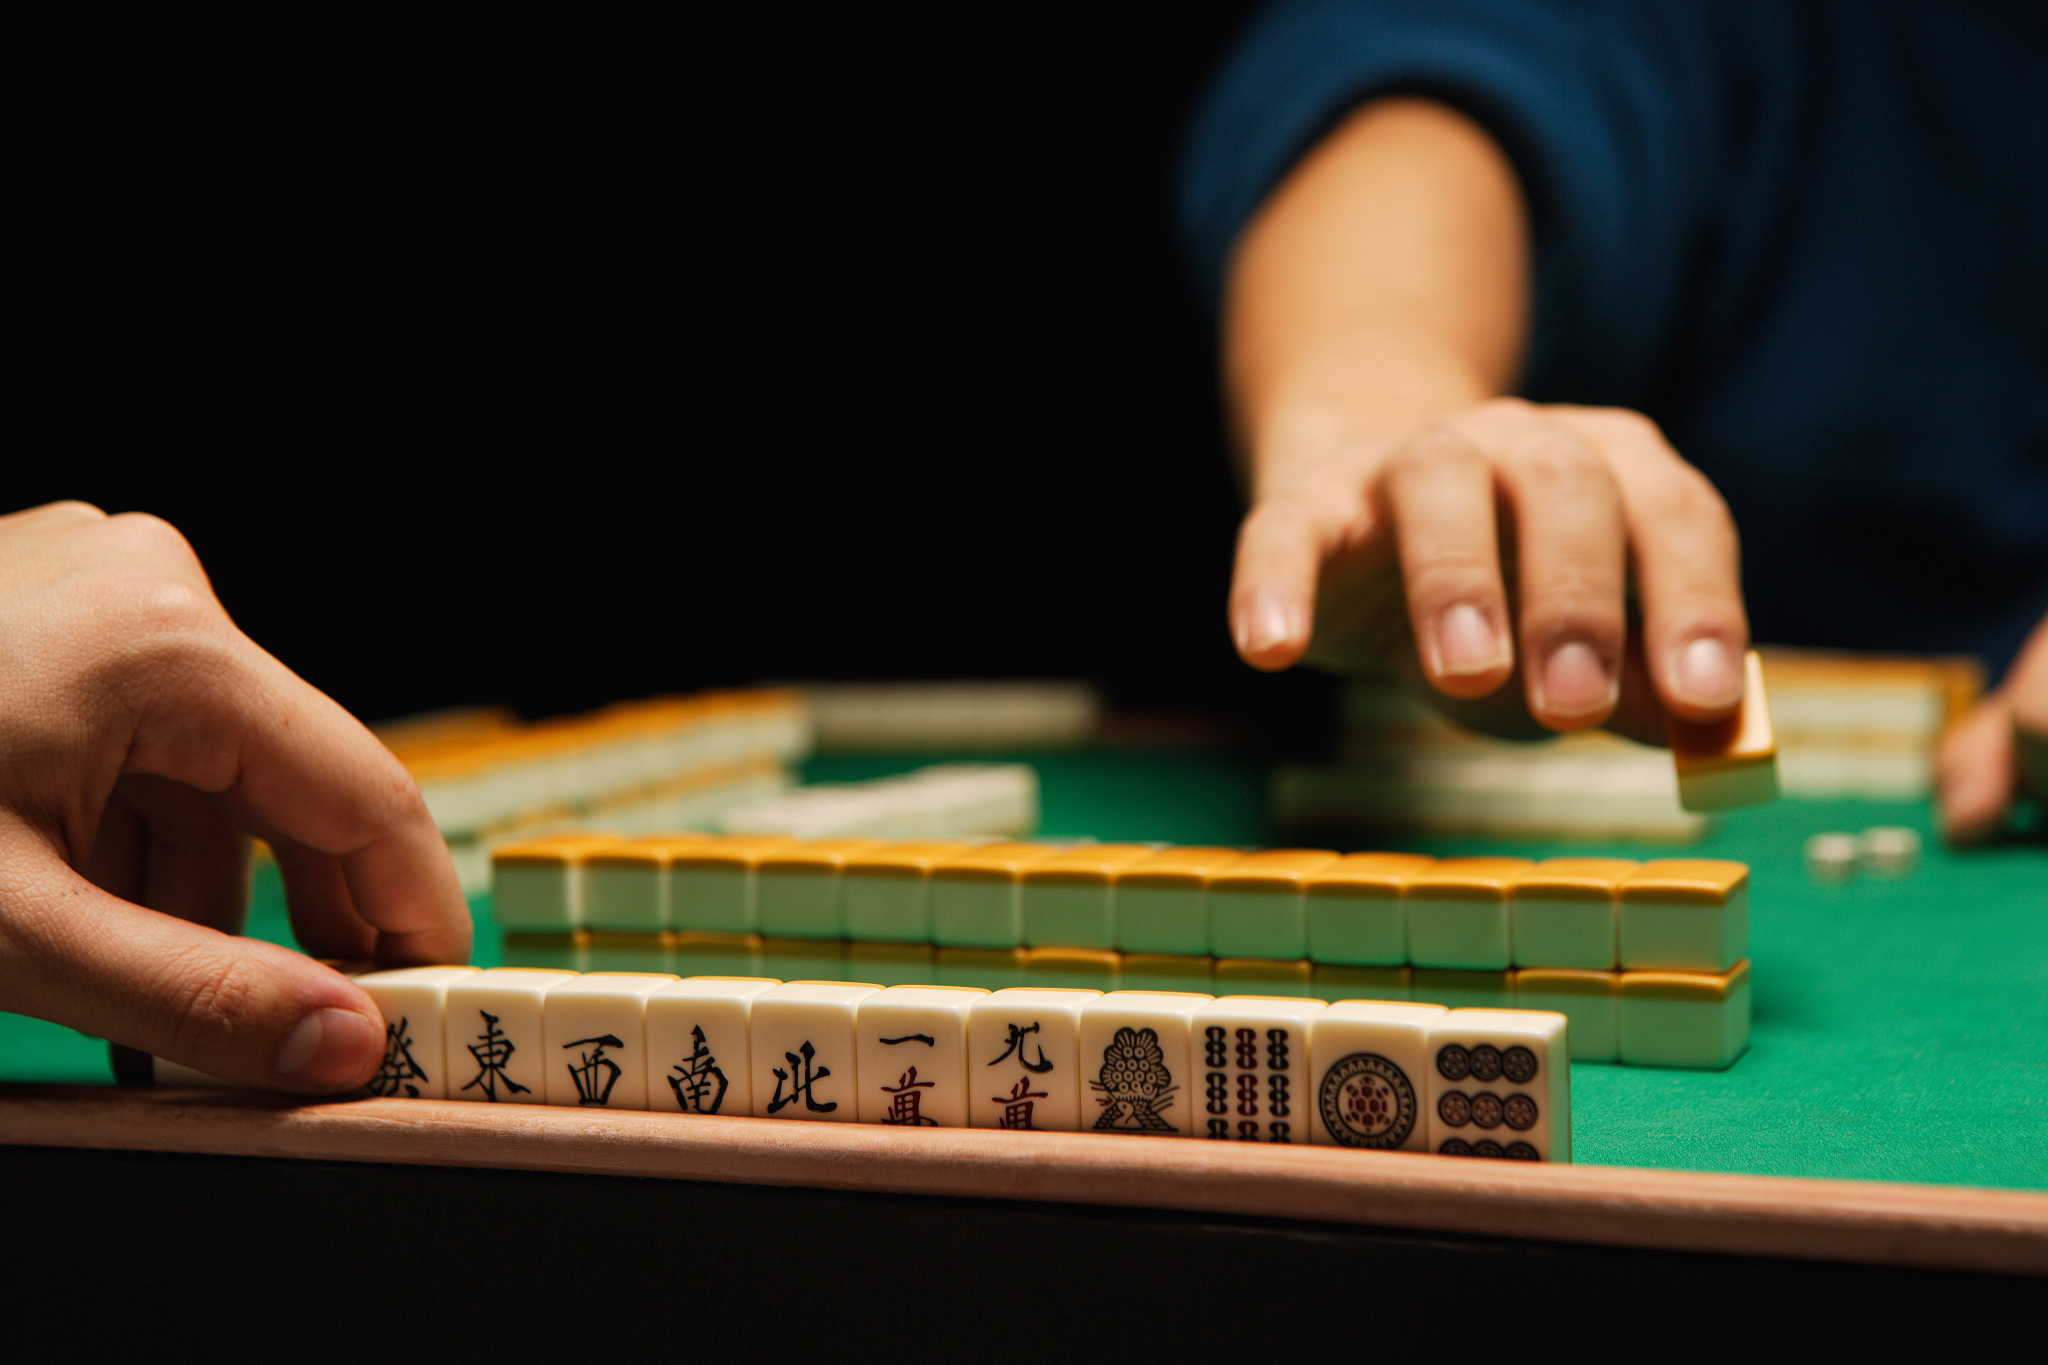 开设赌场获利 3 万余元 贵州沿河一政府工作人员被批捕!